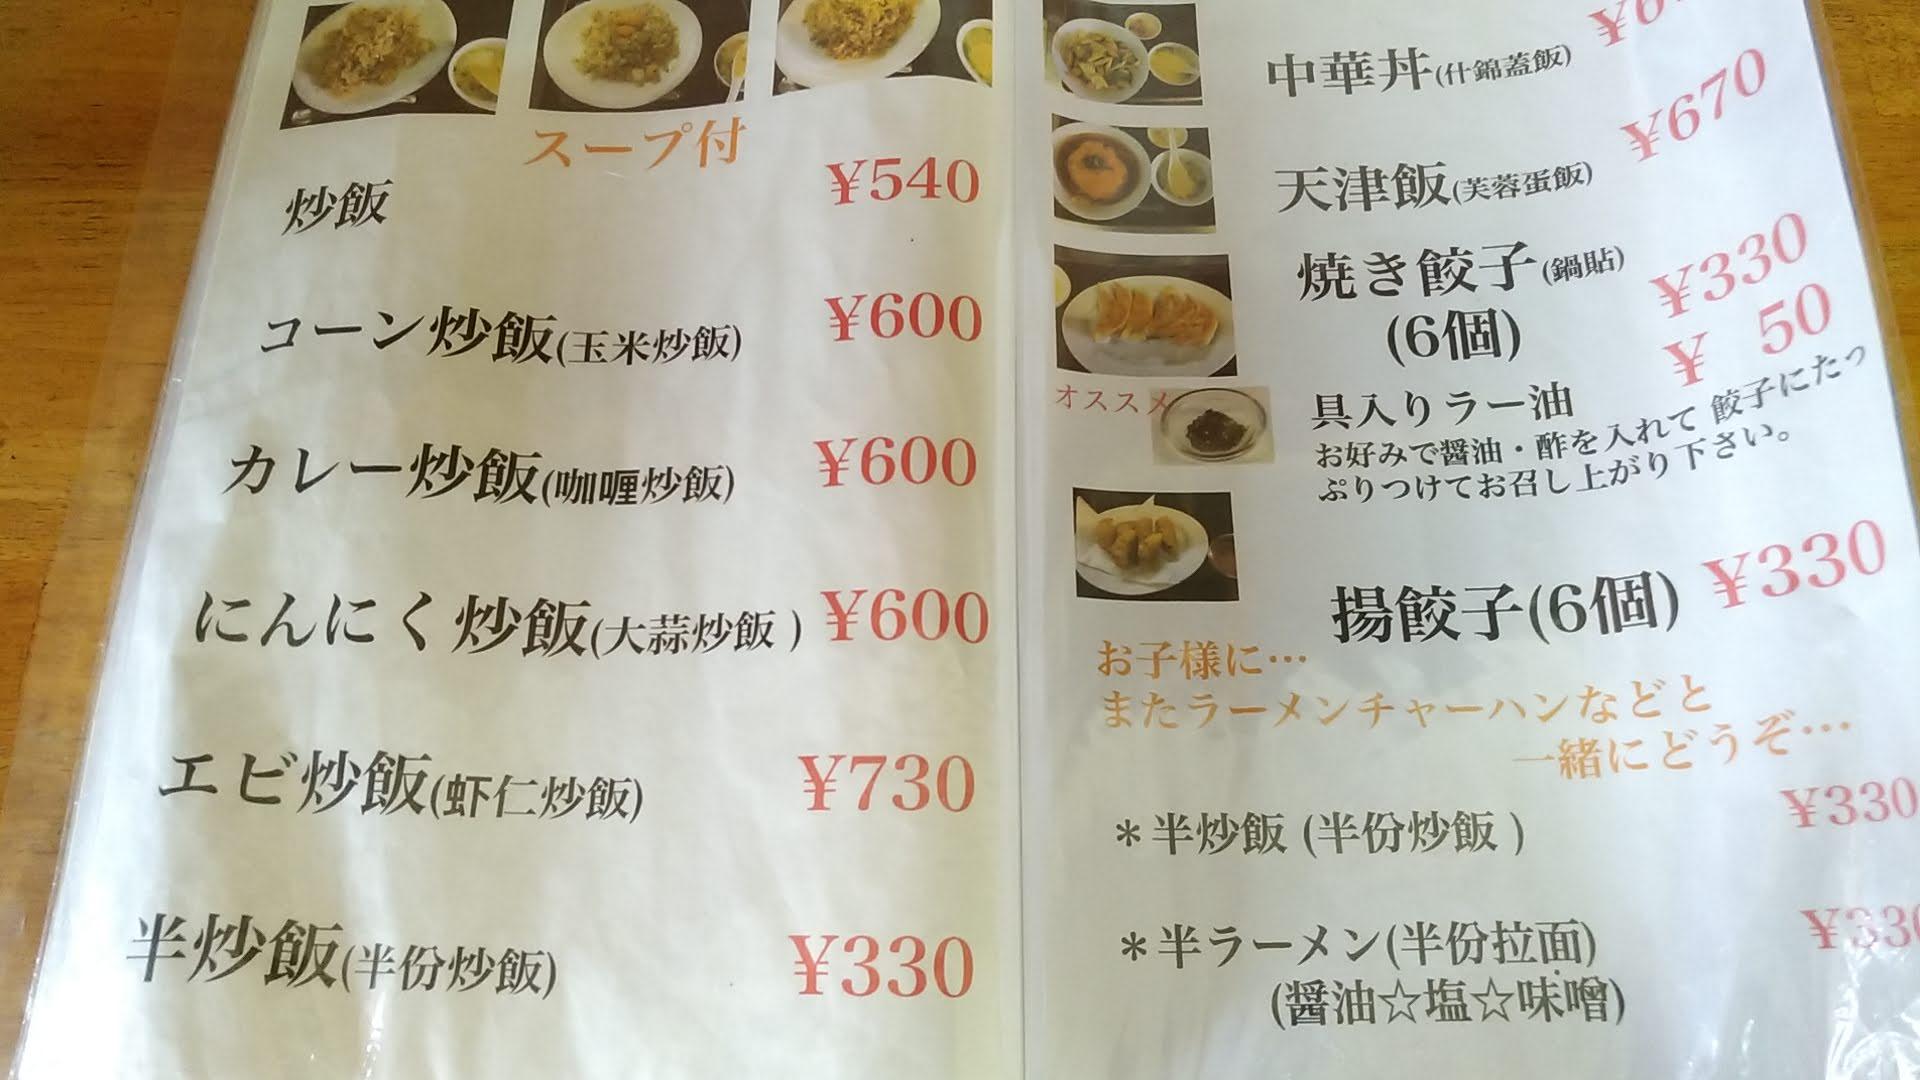 麺作のメニュー 4